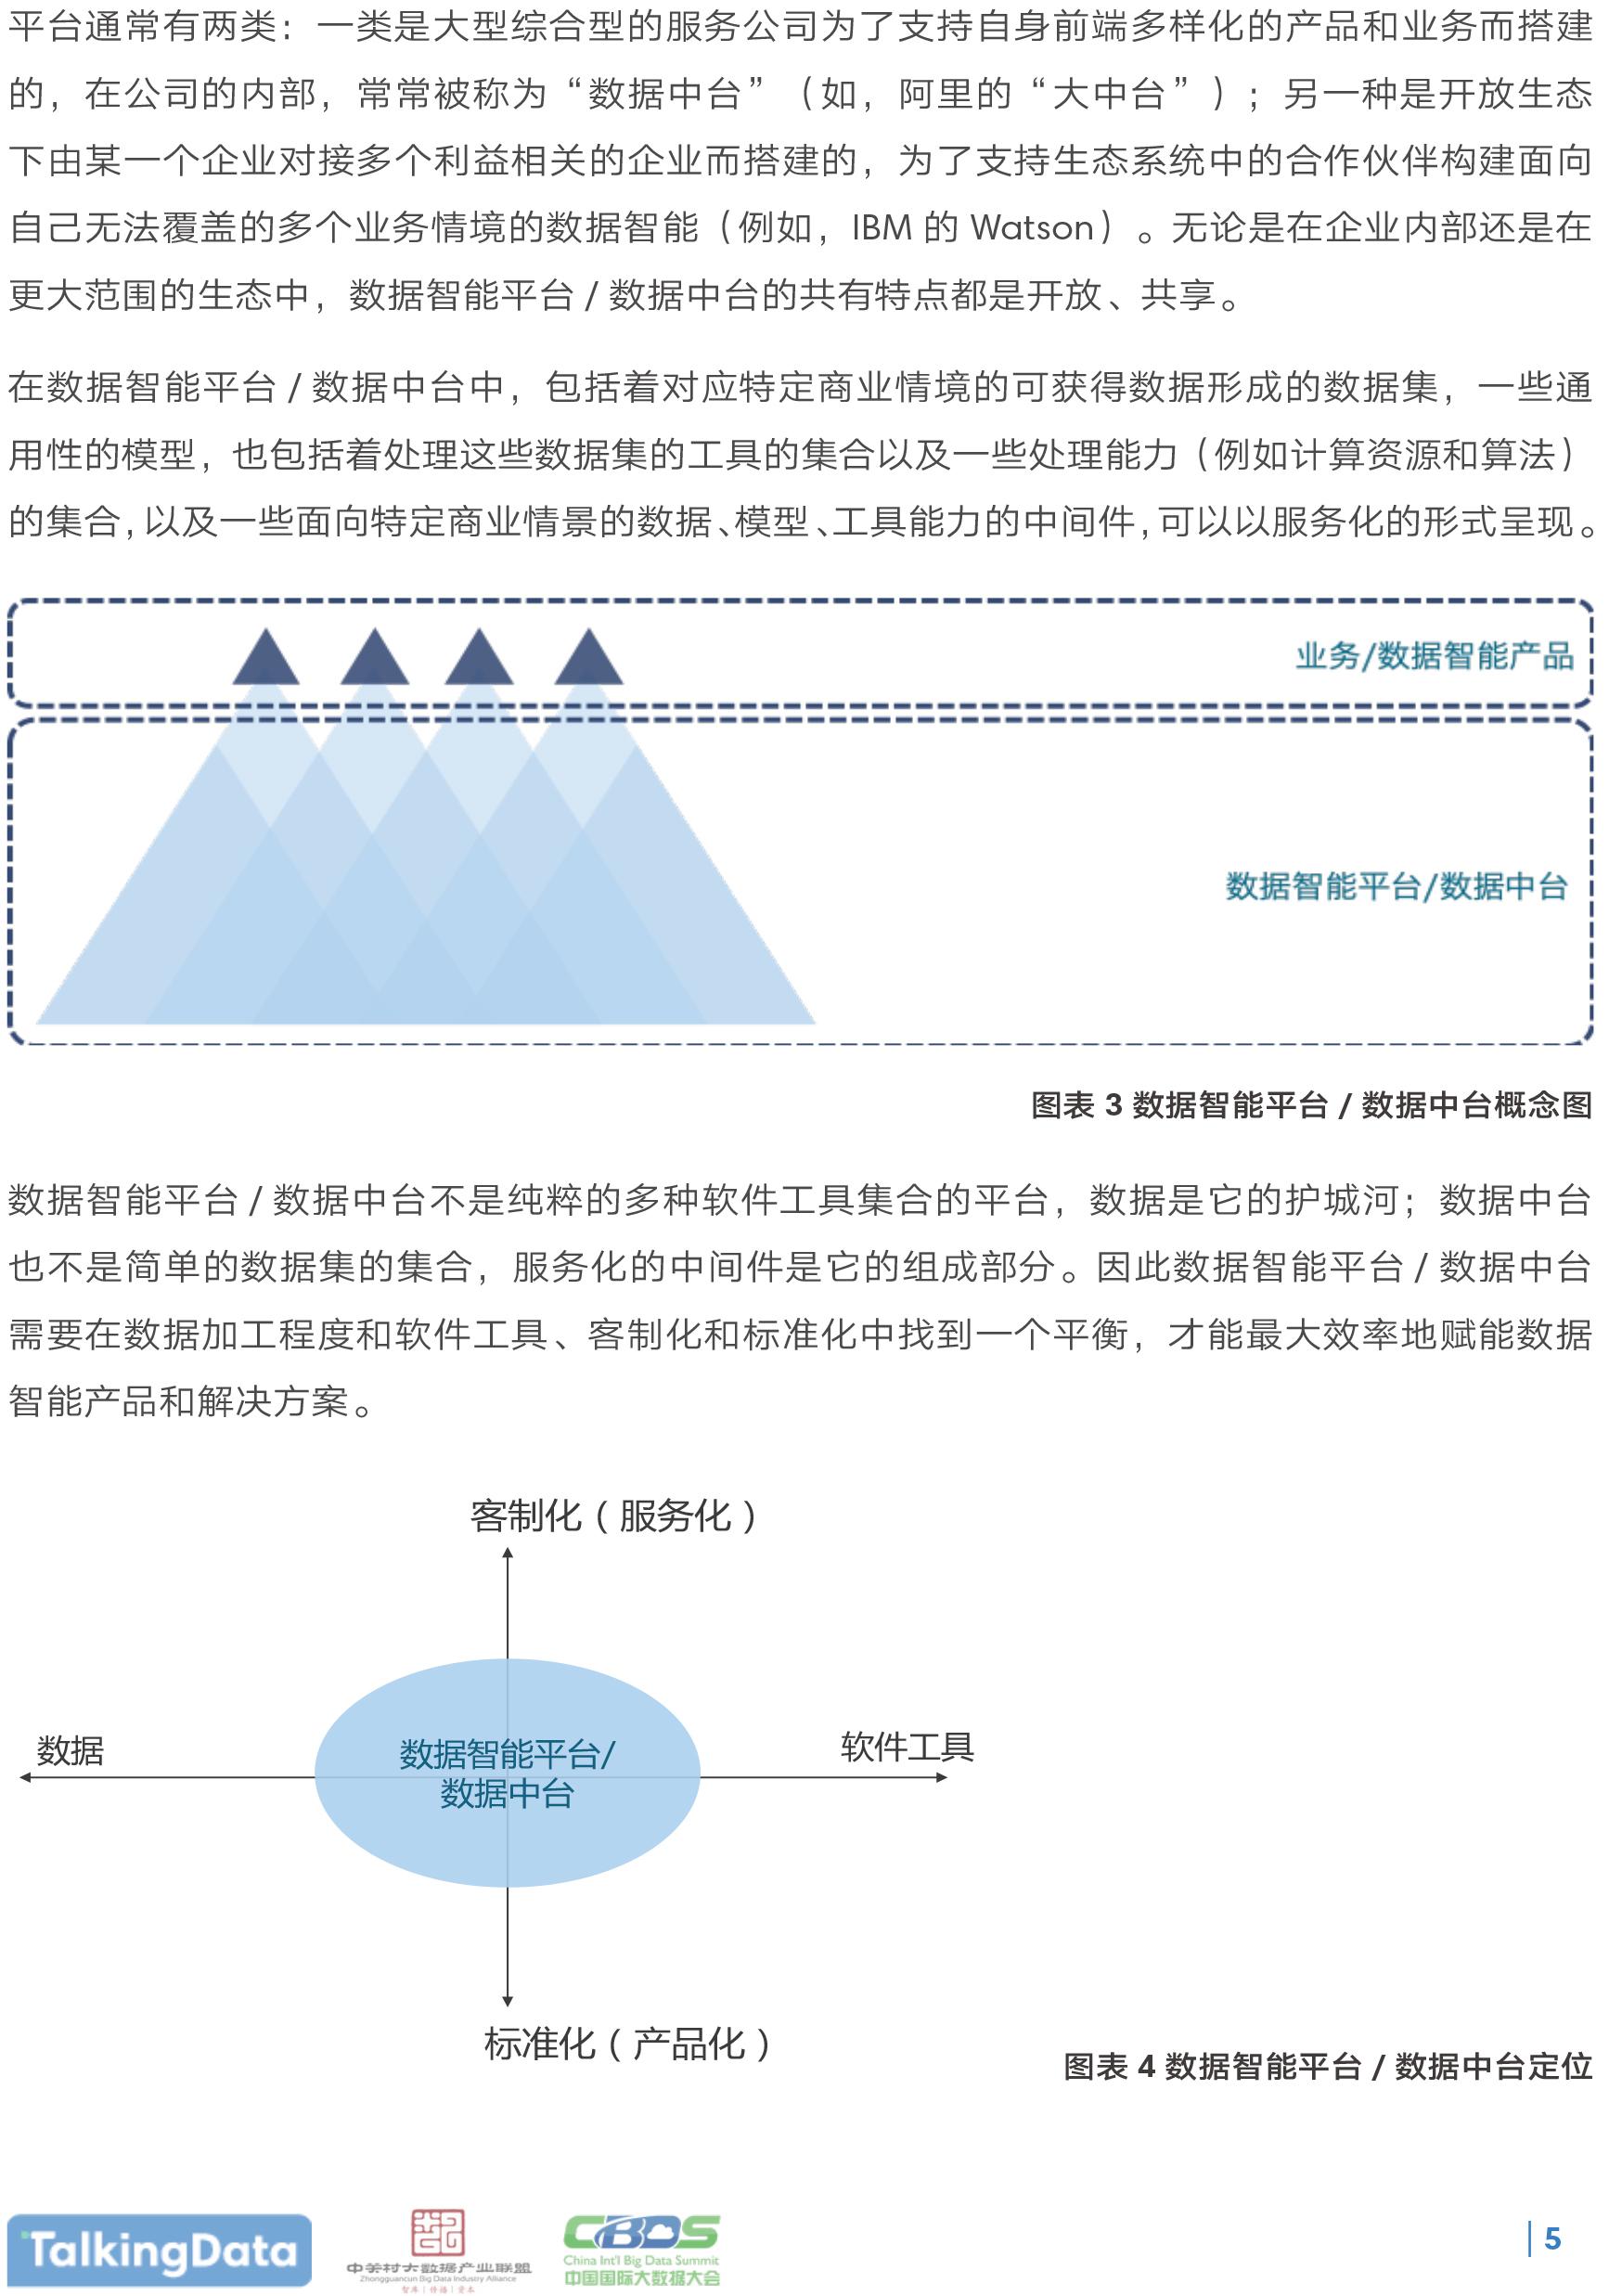 数据智能生态报告-6.jpg